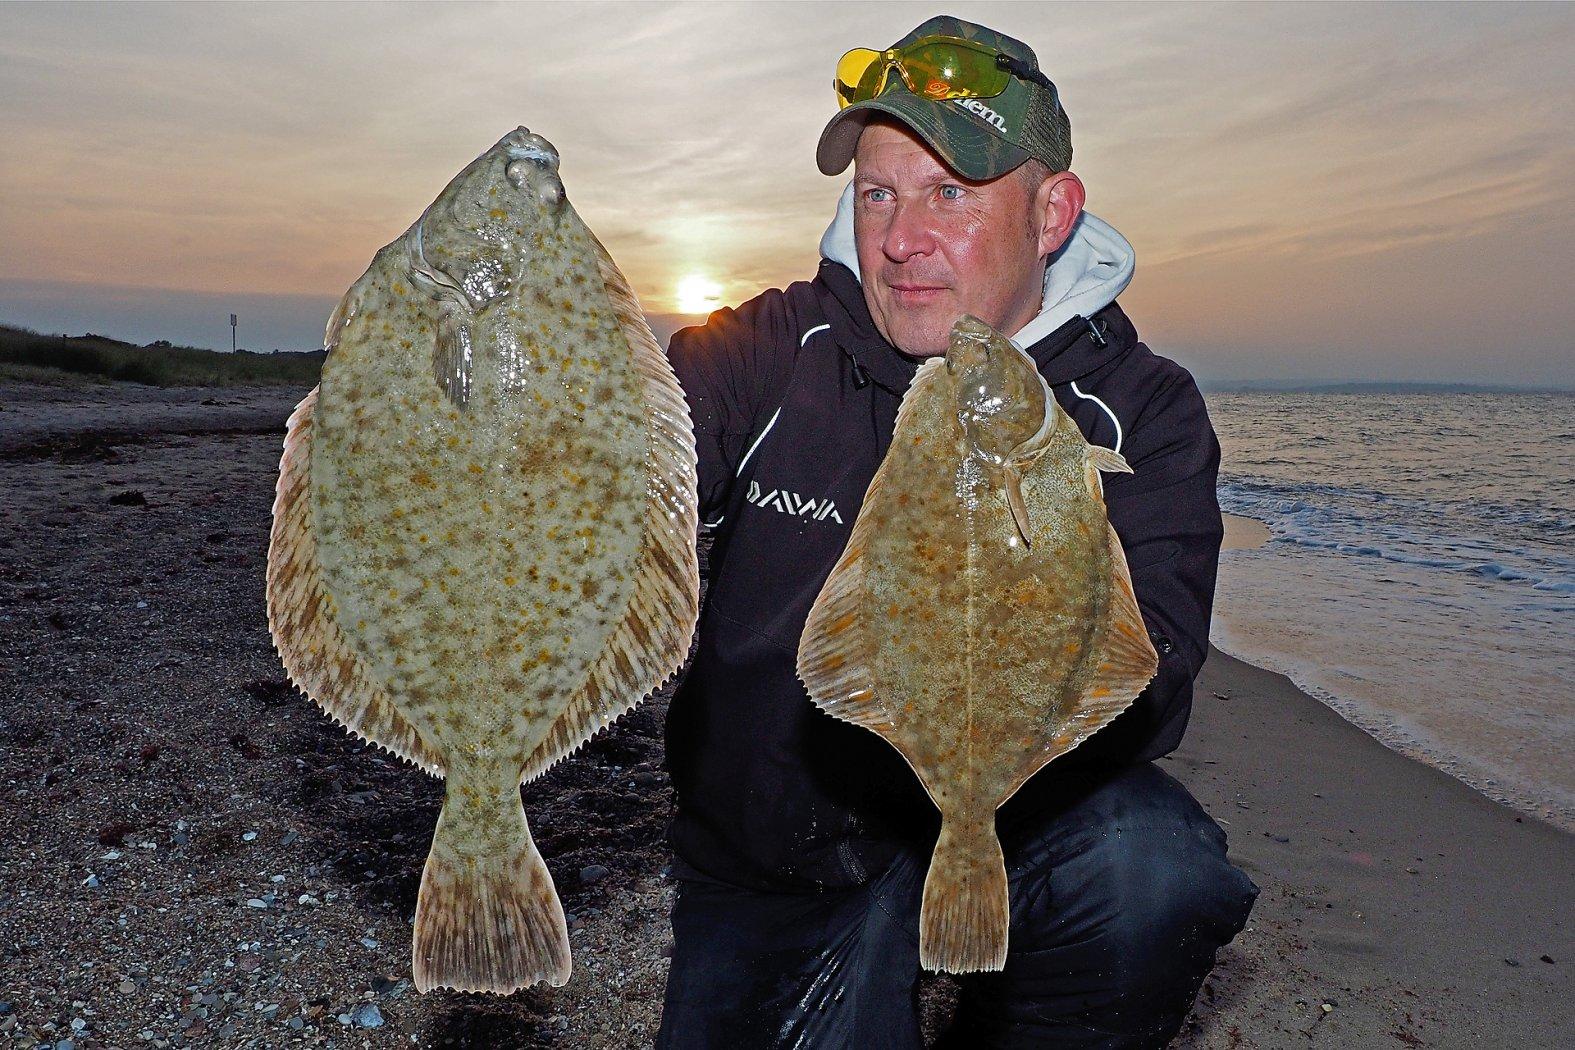 Brandungsangeln auf Plattfisch